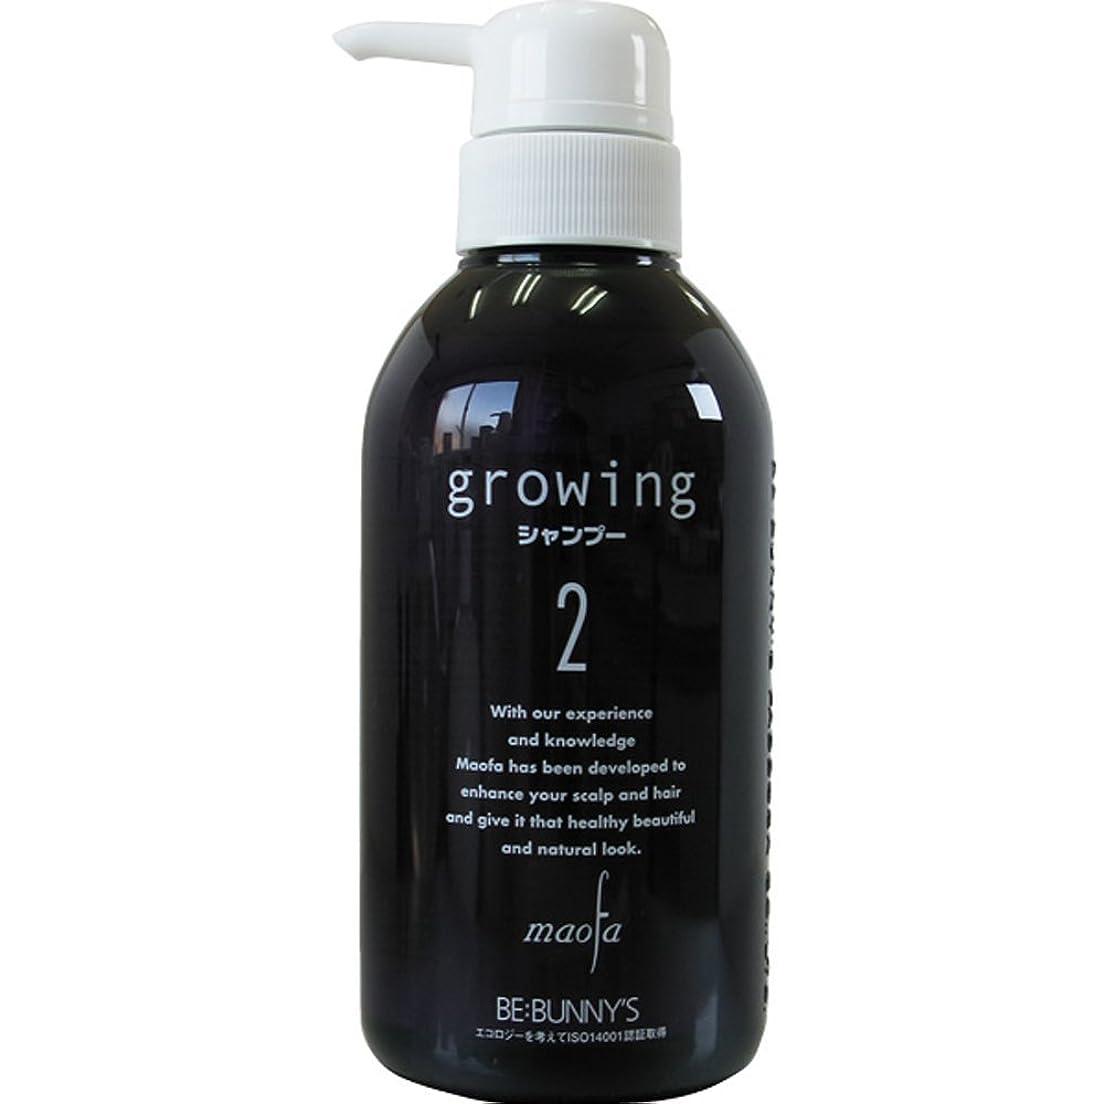 床を掃除する押し下げるチーフビバニーズ / ロイヤルアストレア化粧品 マオファ グローイングシャンプー 360ml